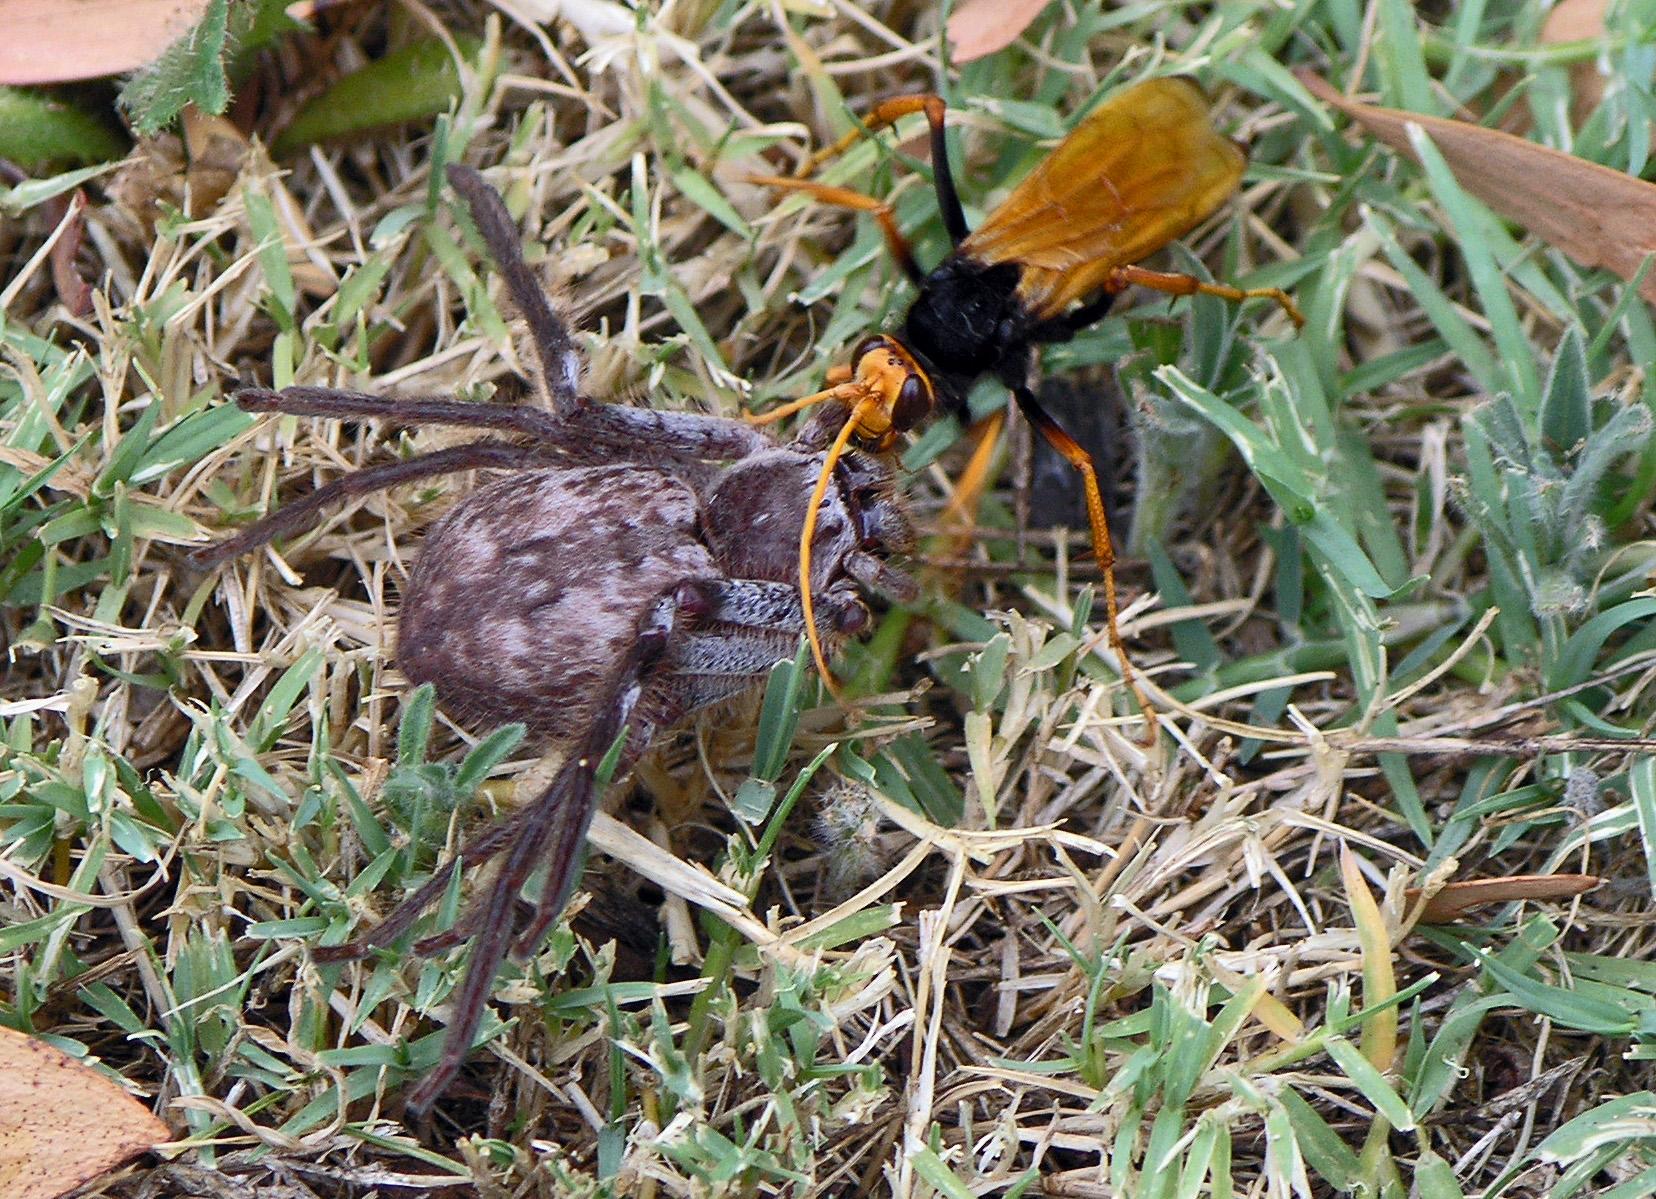 Черная оса: место обитания, вред и польза, опасны ли чёрные осы для человека